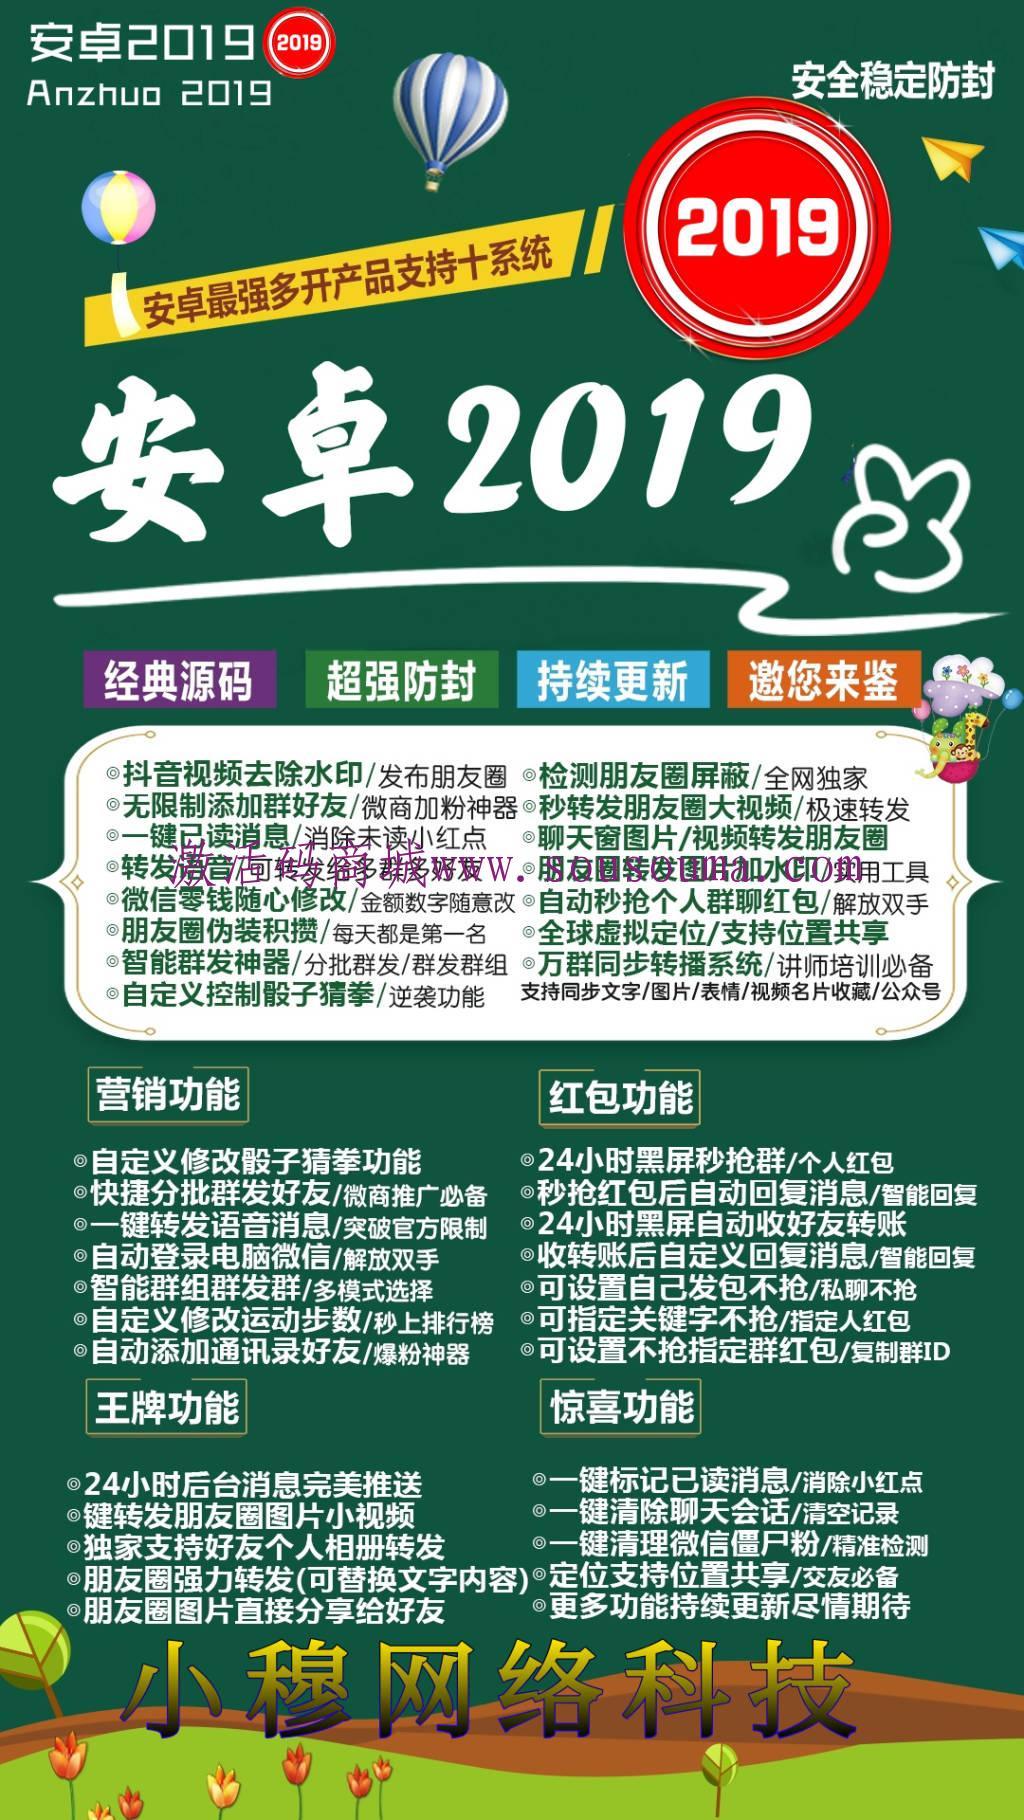 【安卓2019官网】支持安卓10一键转发群发万群同步石头剪刀布